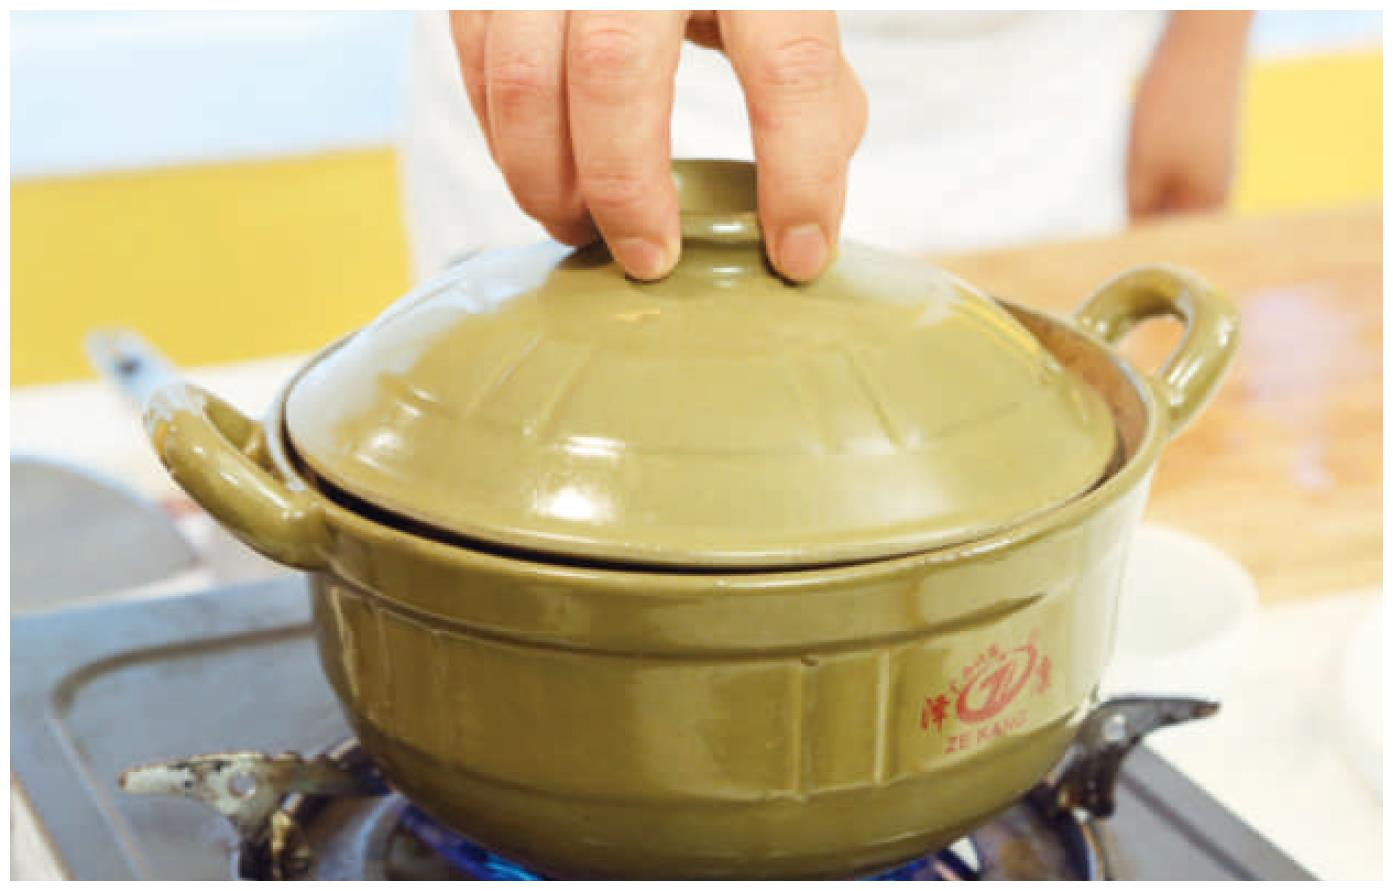 粤菜里的广式靓汤,煮法不一样,味道大不同,都很好喝哦